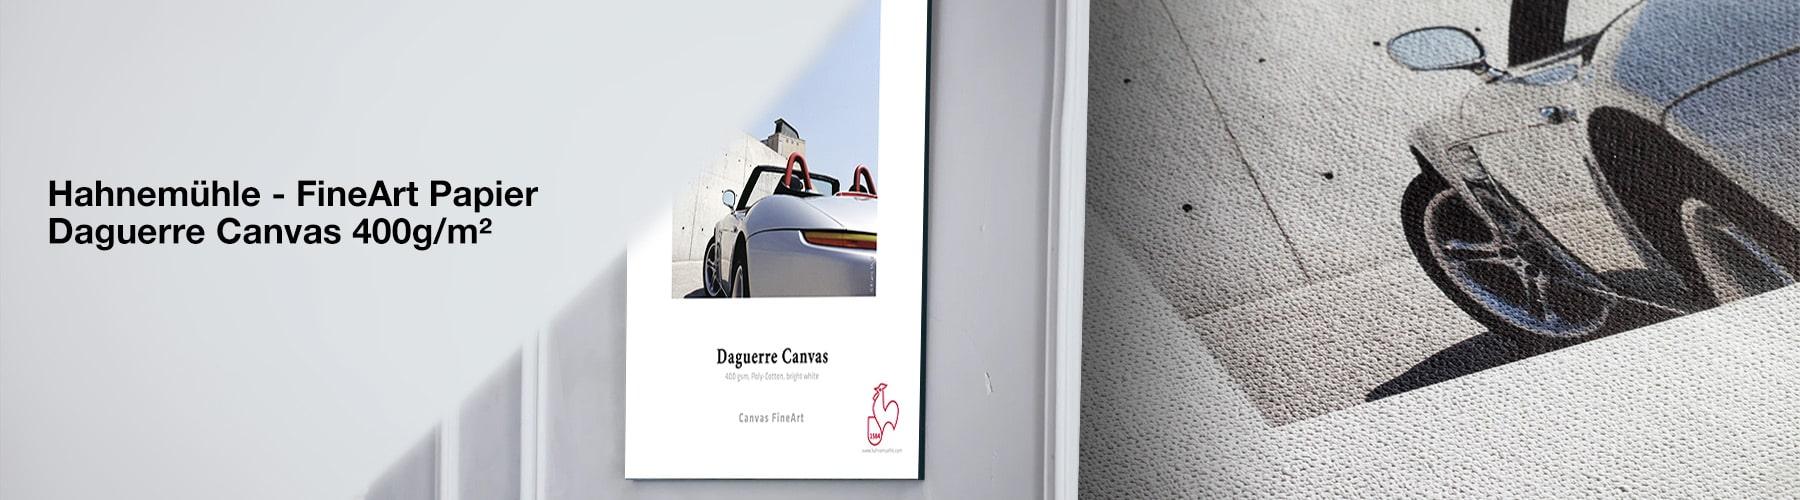 Hahnemühle Fine Art Papier – Daguerre Canvas 400 g/m²